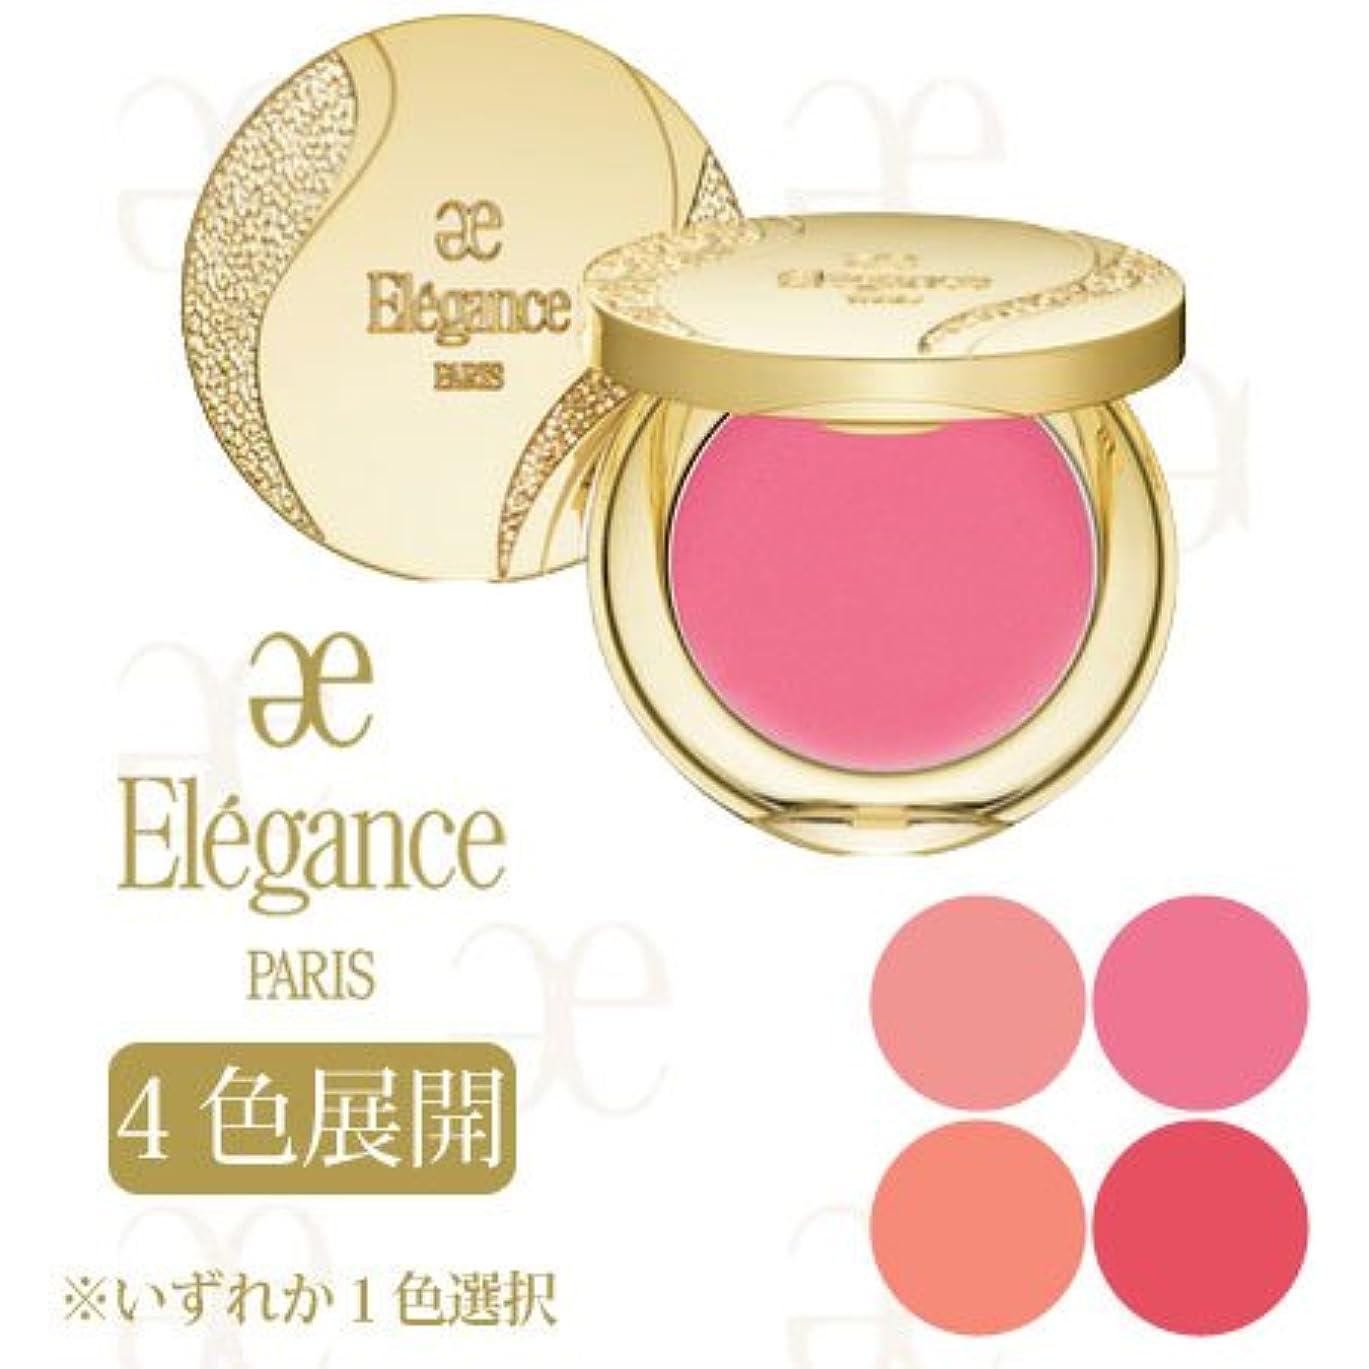 本物の伝染病節約エレガンス スリーク フェイス N (クリームチーク) 全4色展開 -ELEGANCE- RD301